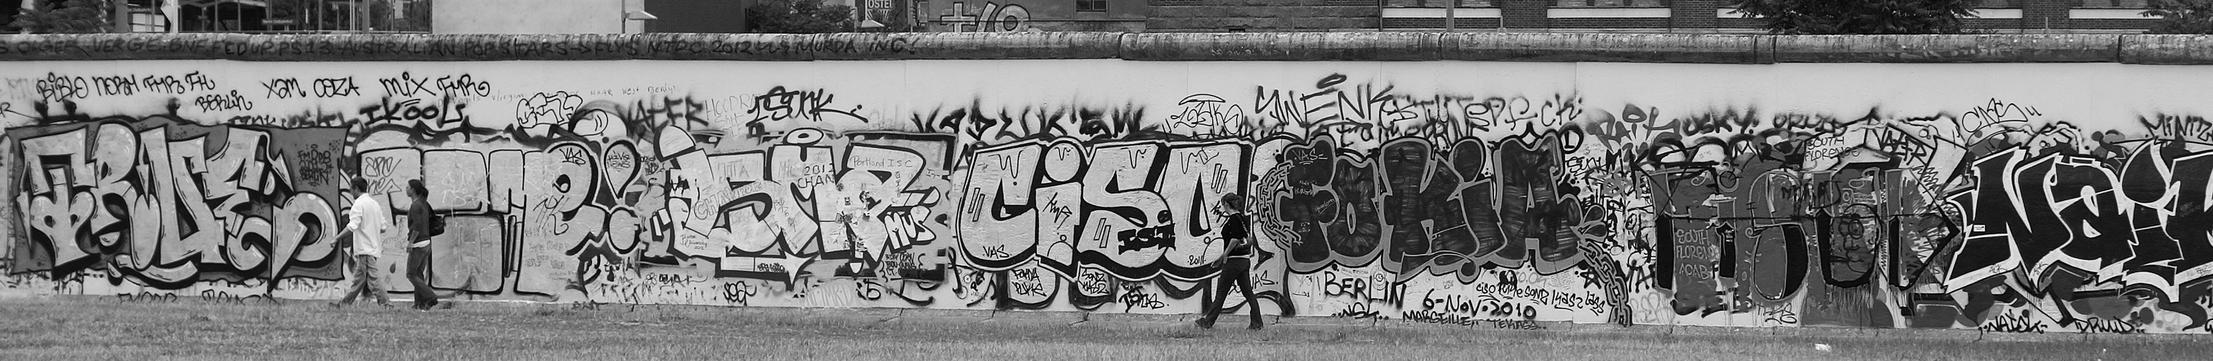 Mauer by ffschulz